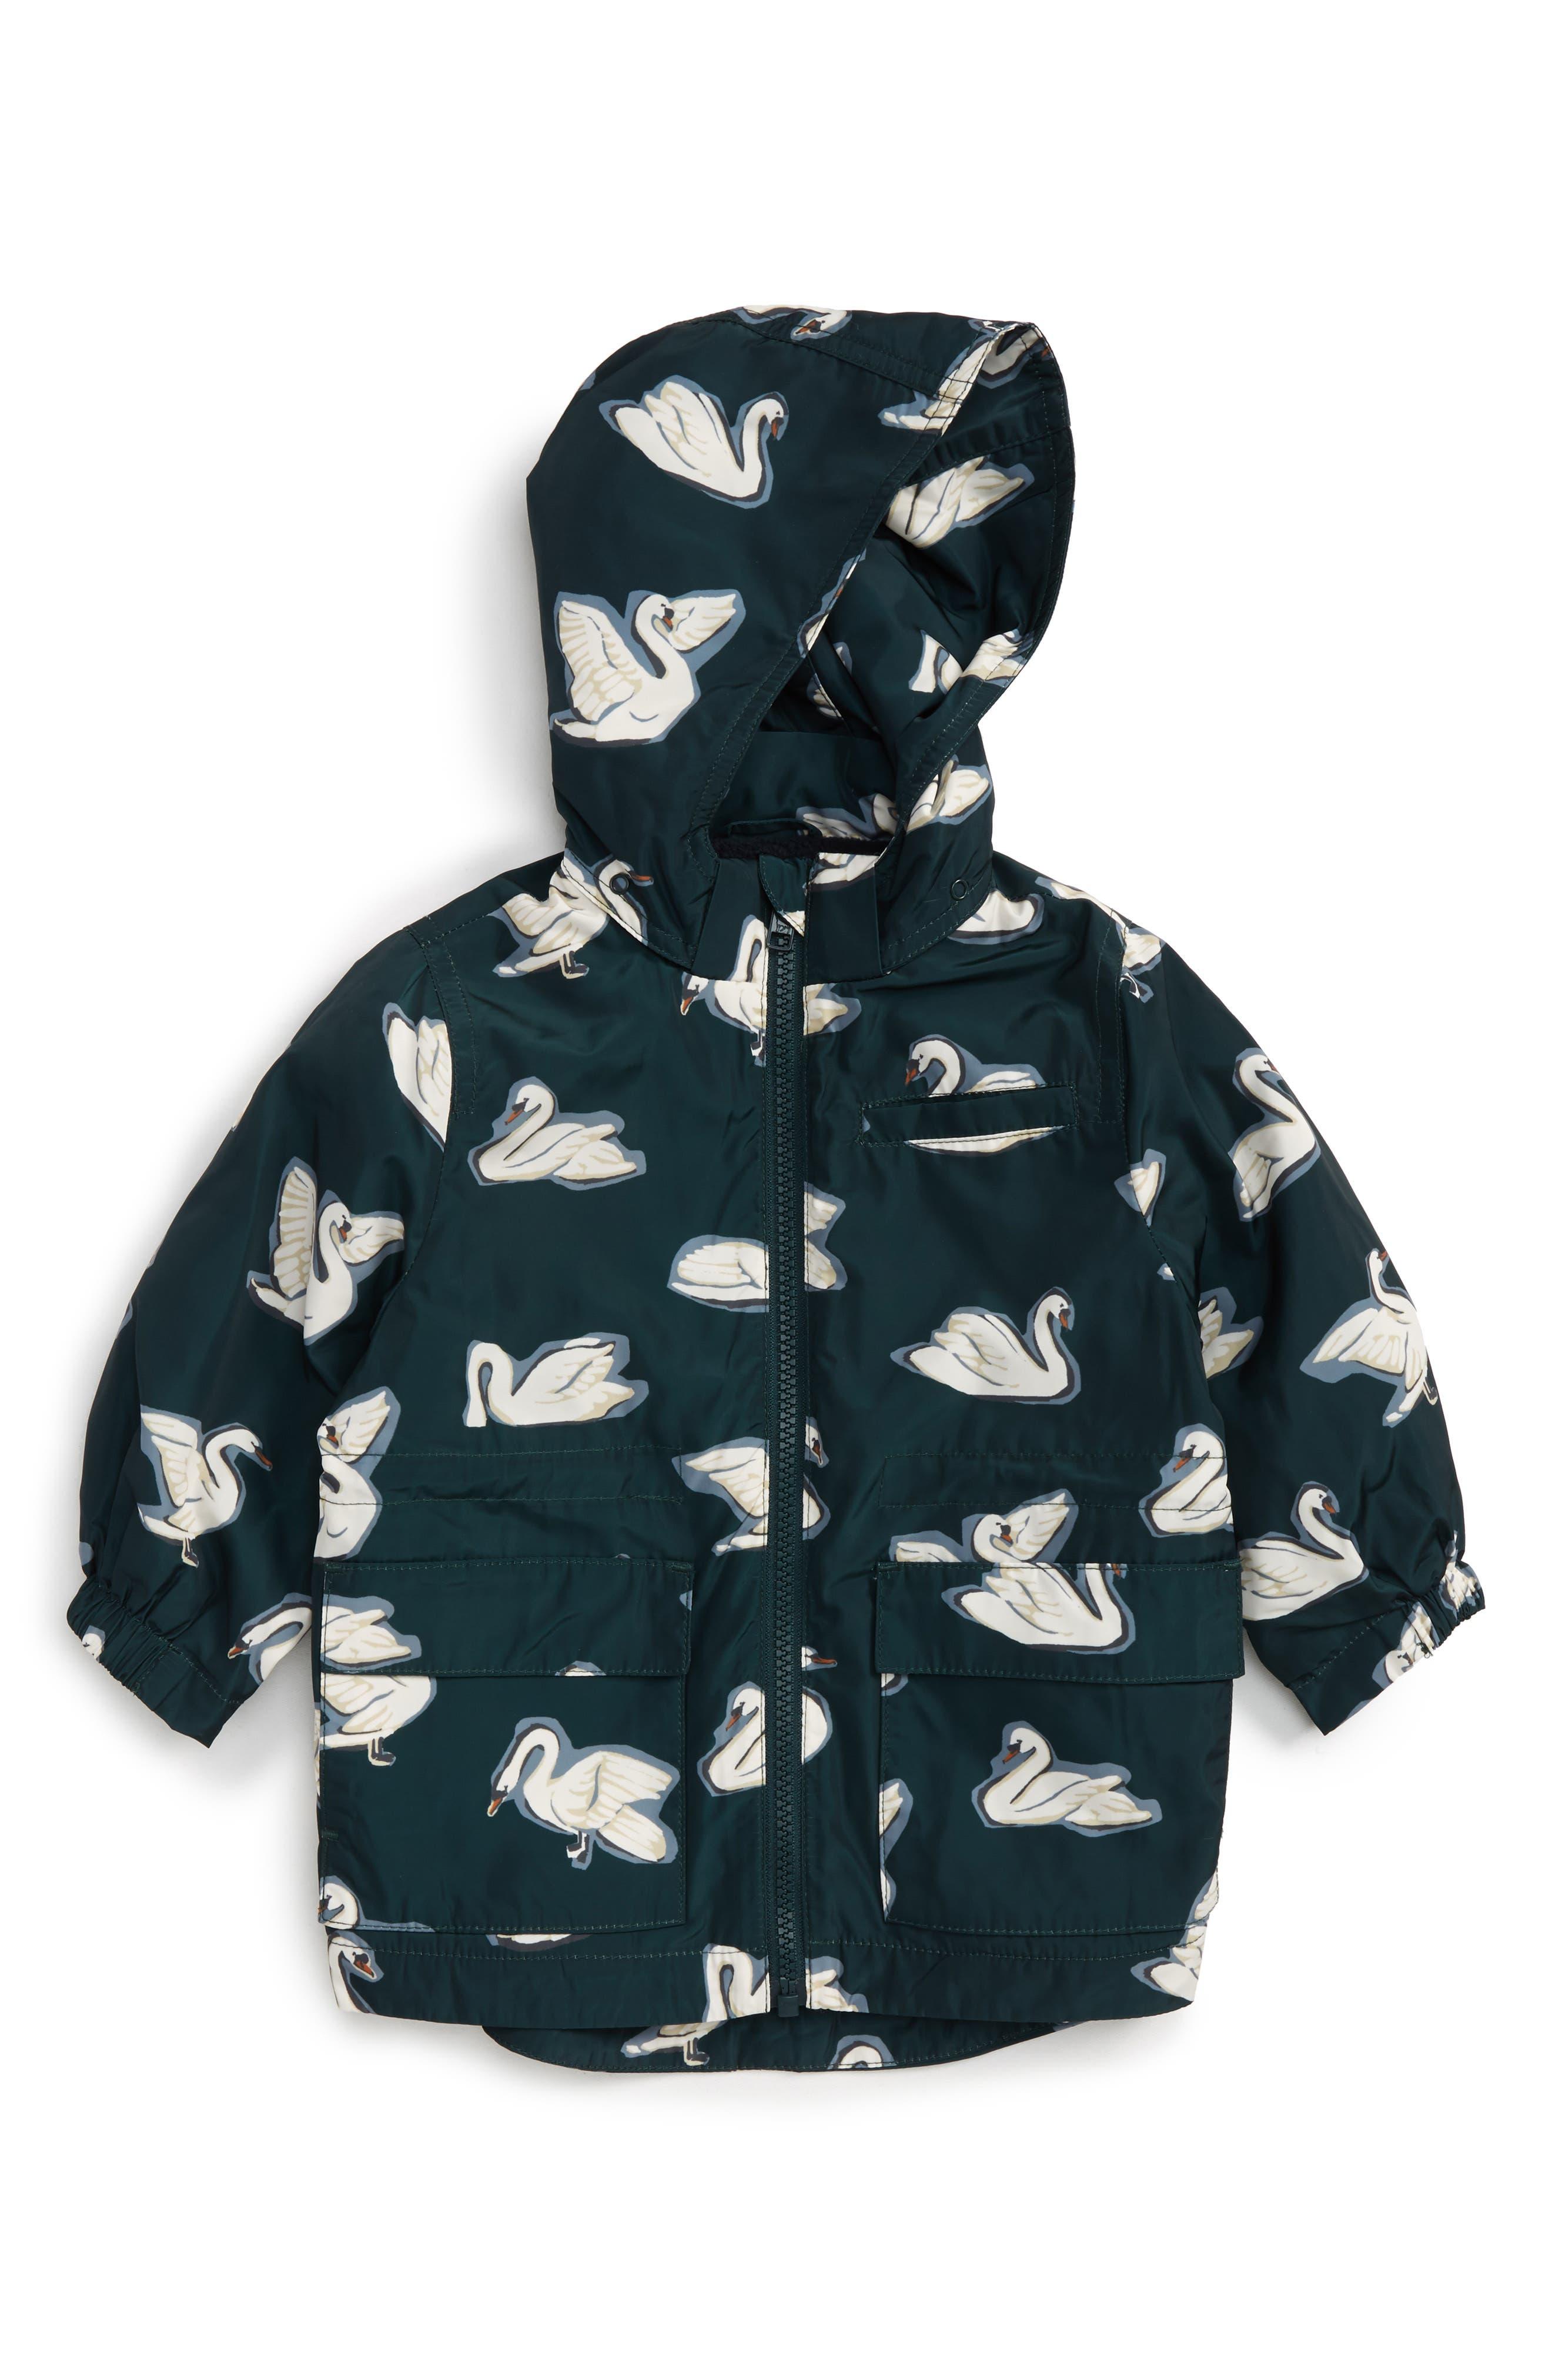 Stella McCartney Kids Beck Swan Print Waterproof Jacket with Removable Hood (Baby)